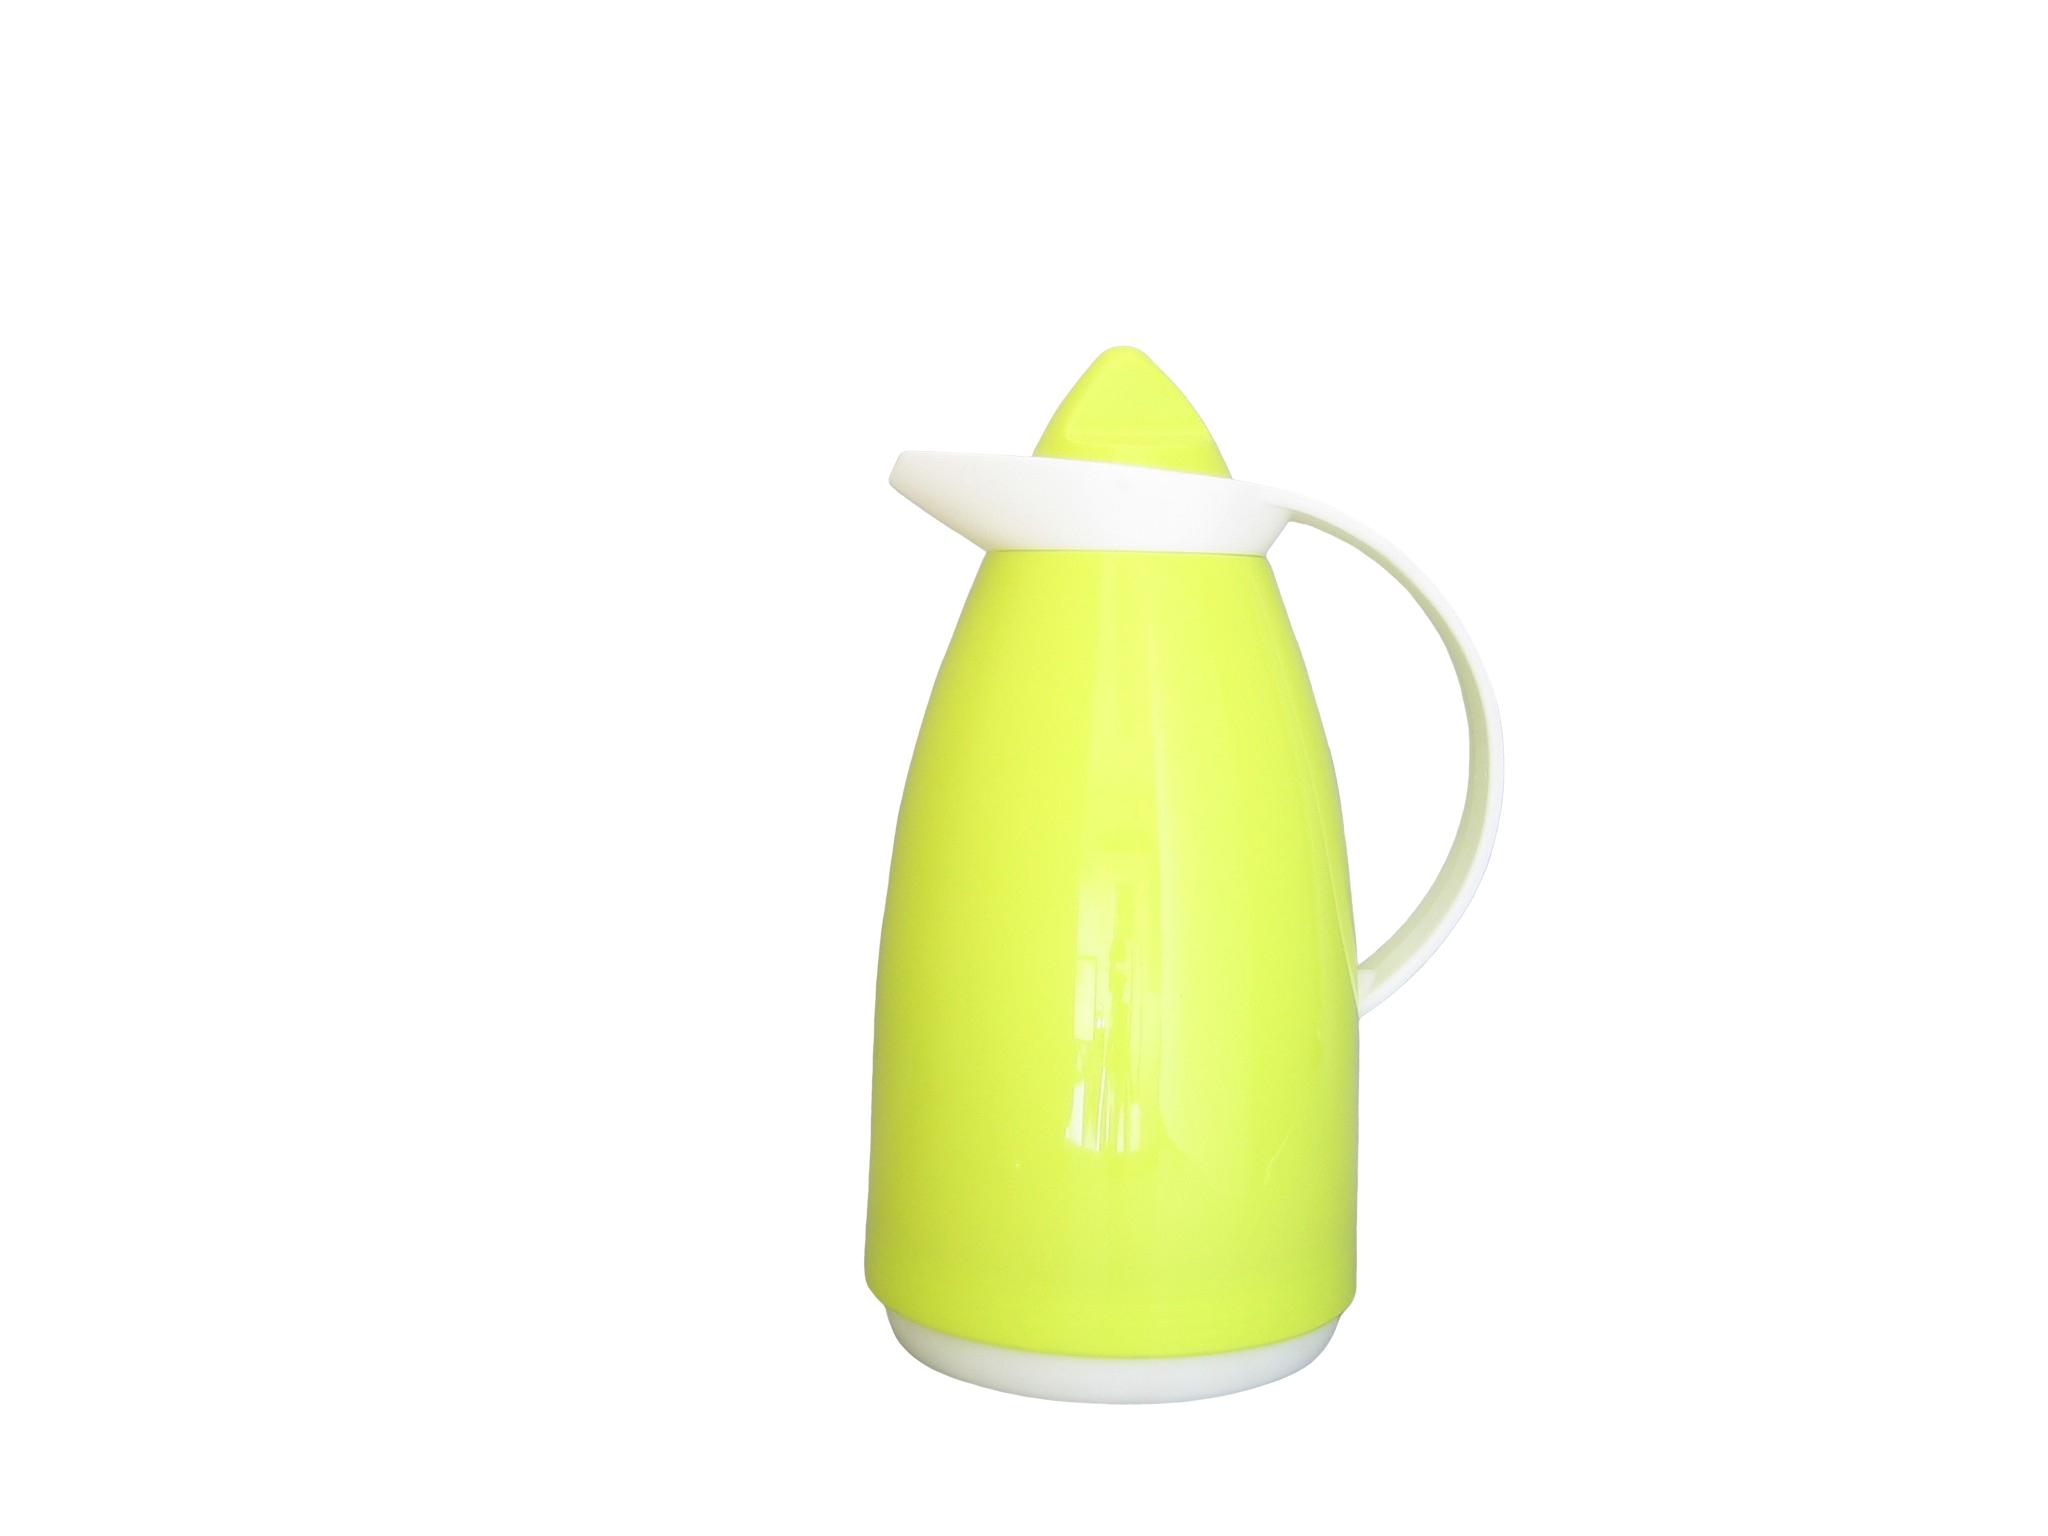 GLE10-033 - Isoleerkan kleur groen 1.0 L - Isobel